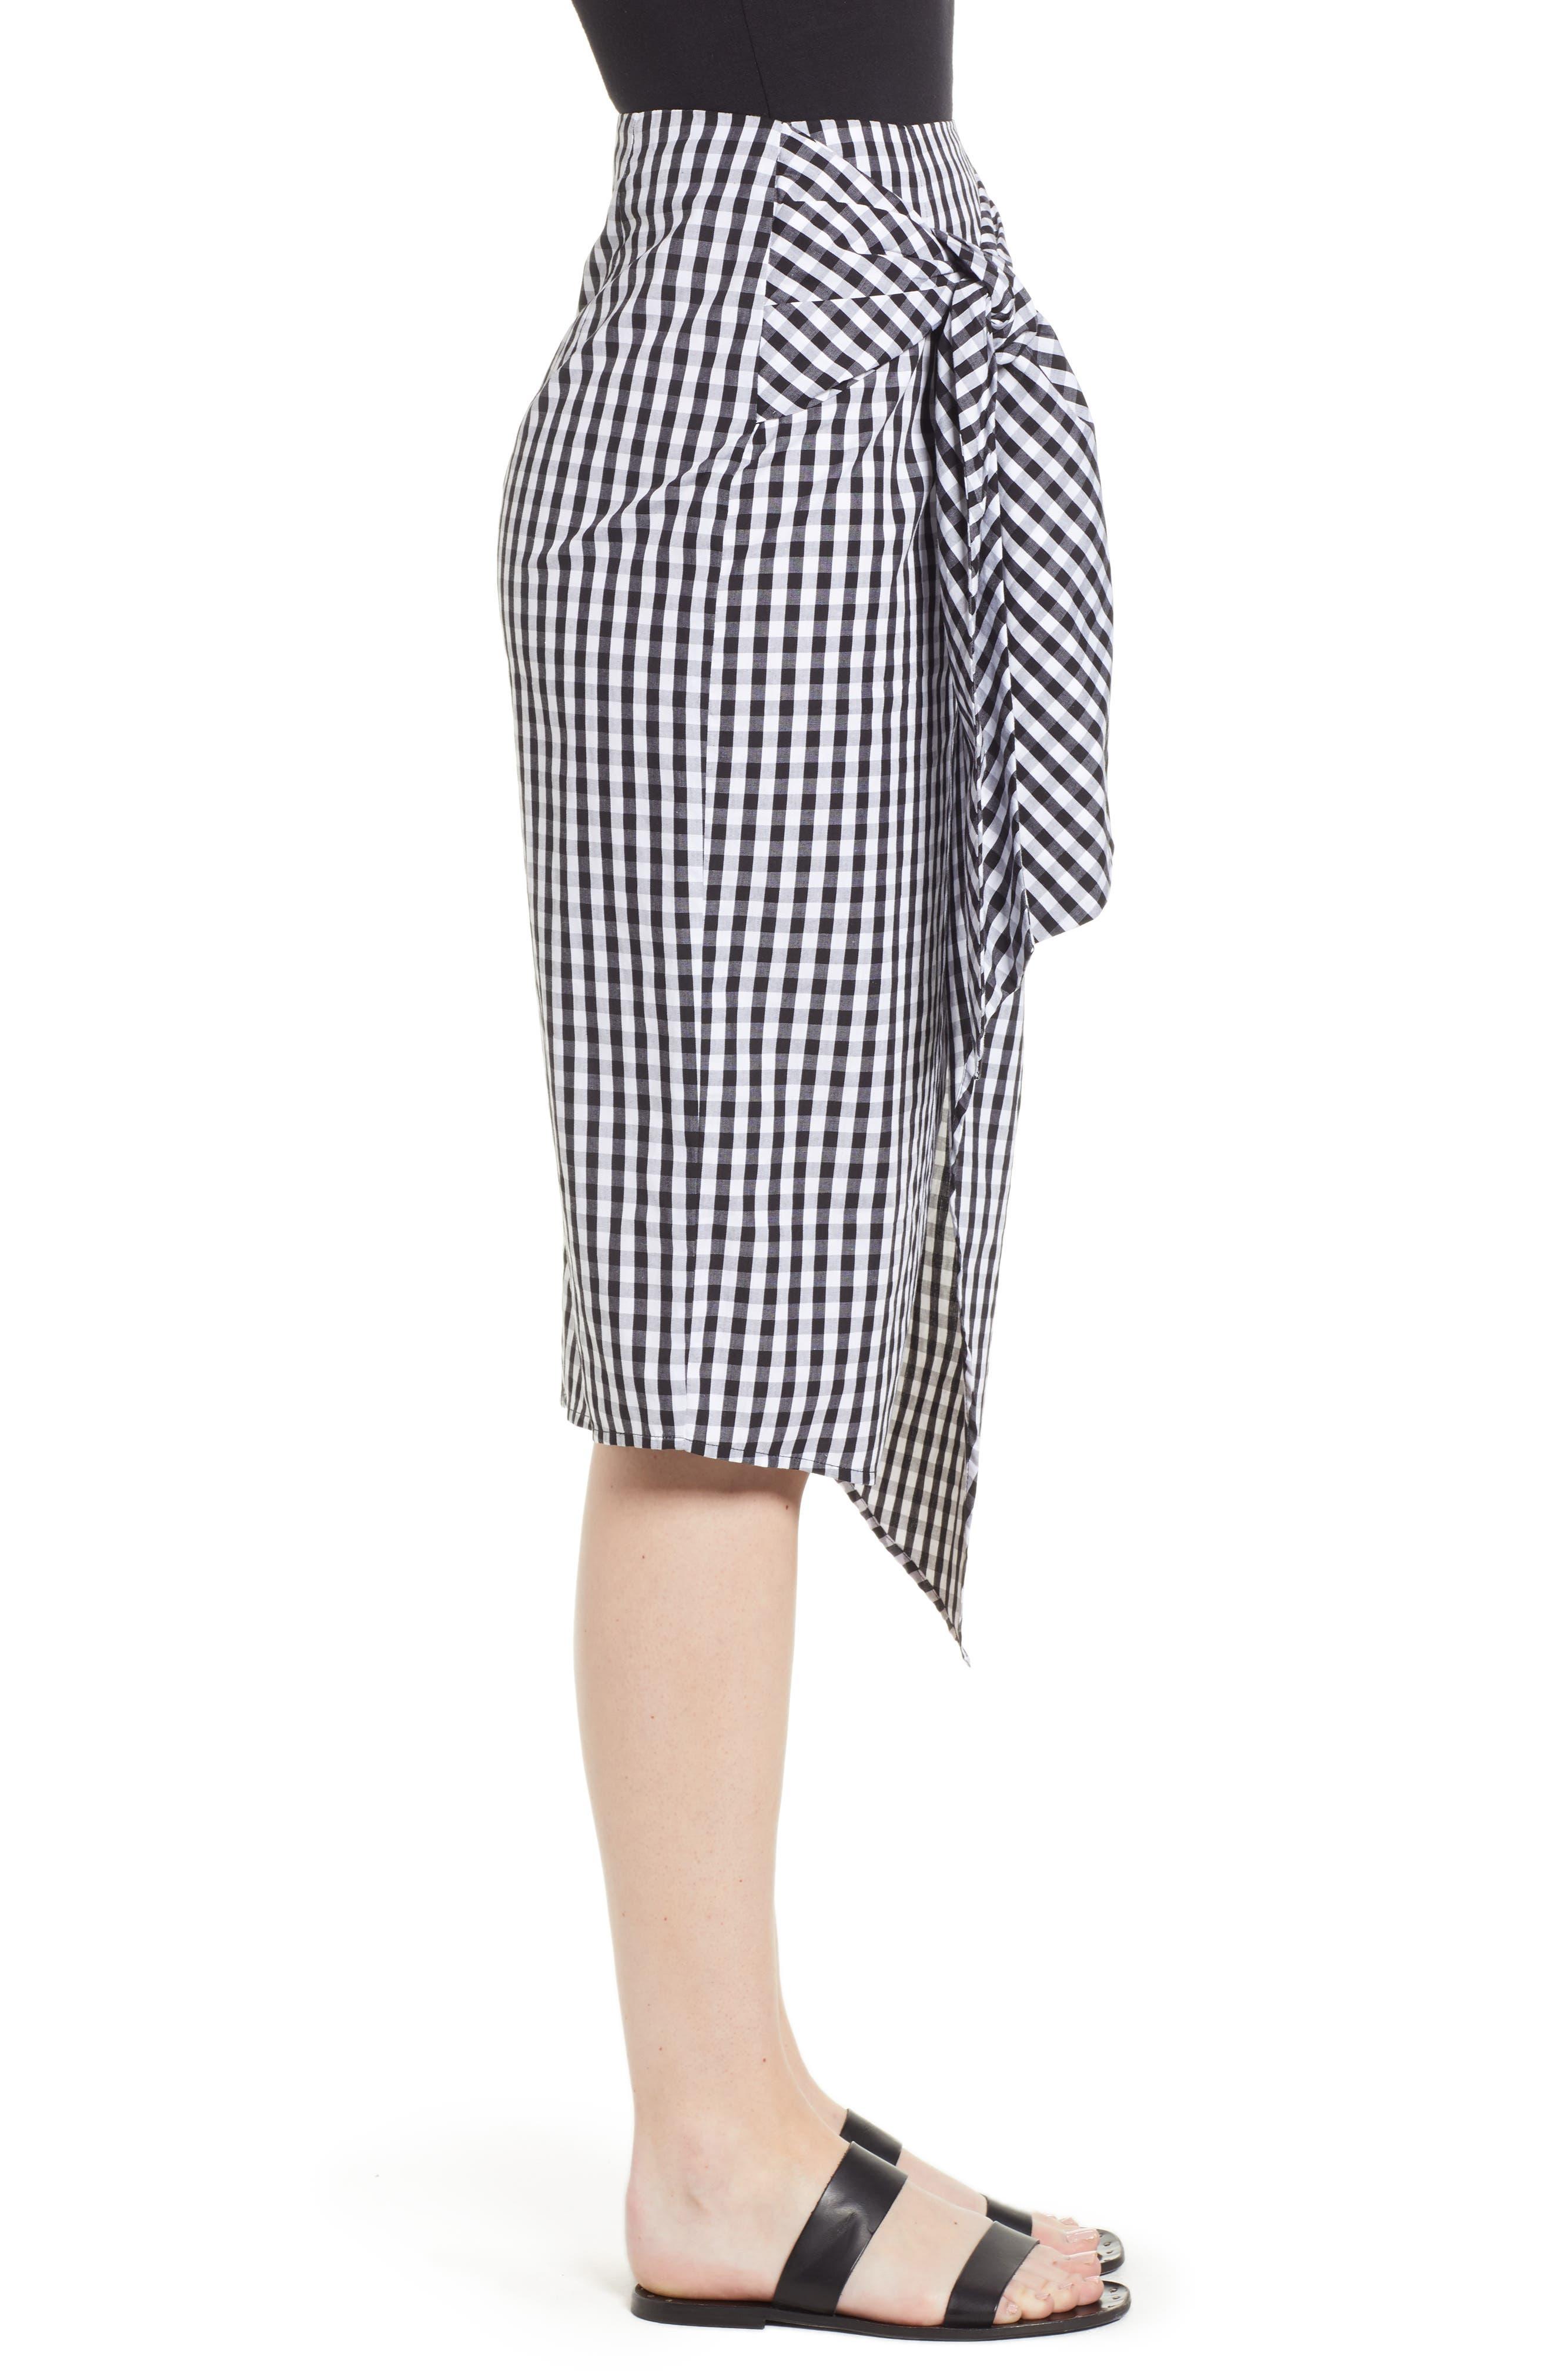 Gingham Tie Waist Skirt,                             Alternate thumbnail 3, color,                             Black/ White Gingham